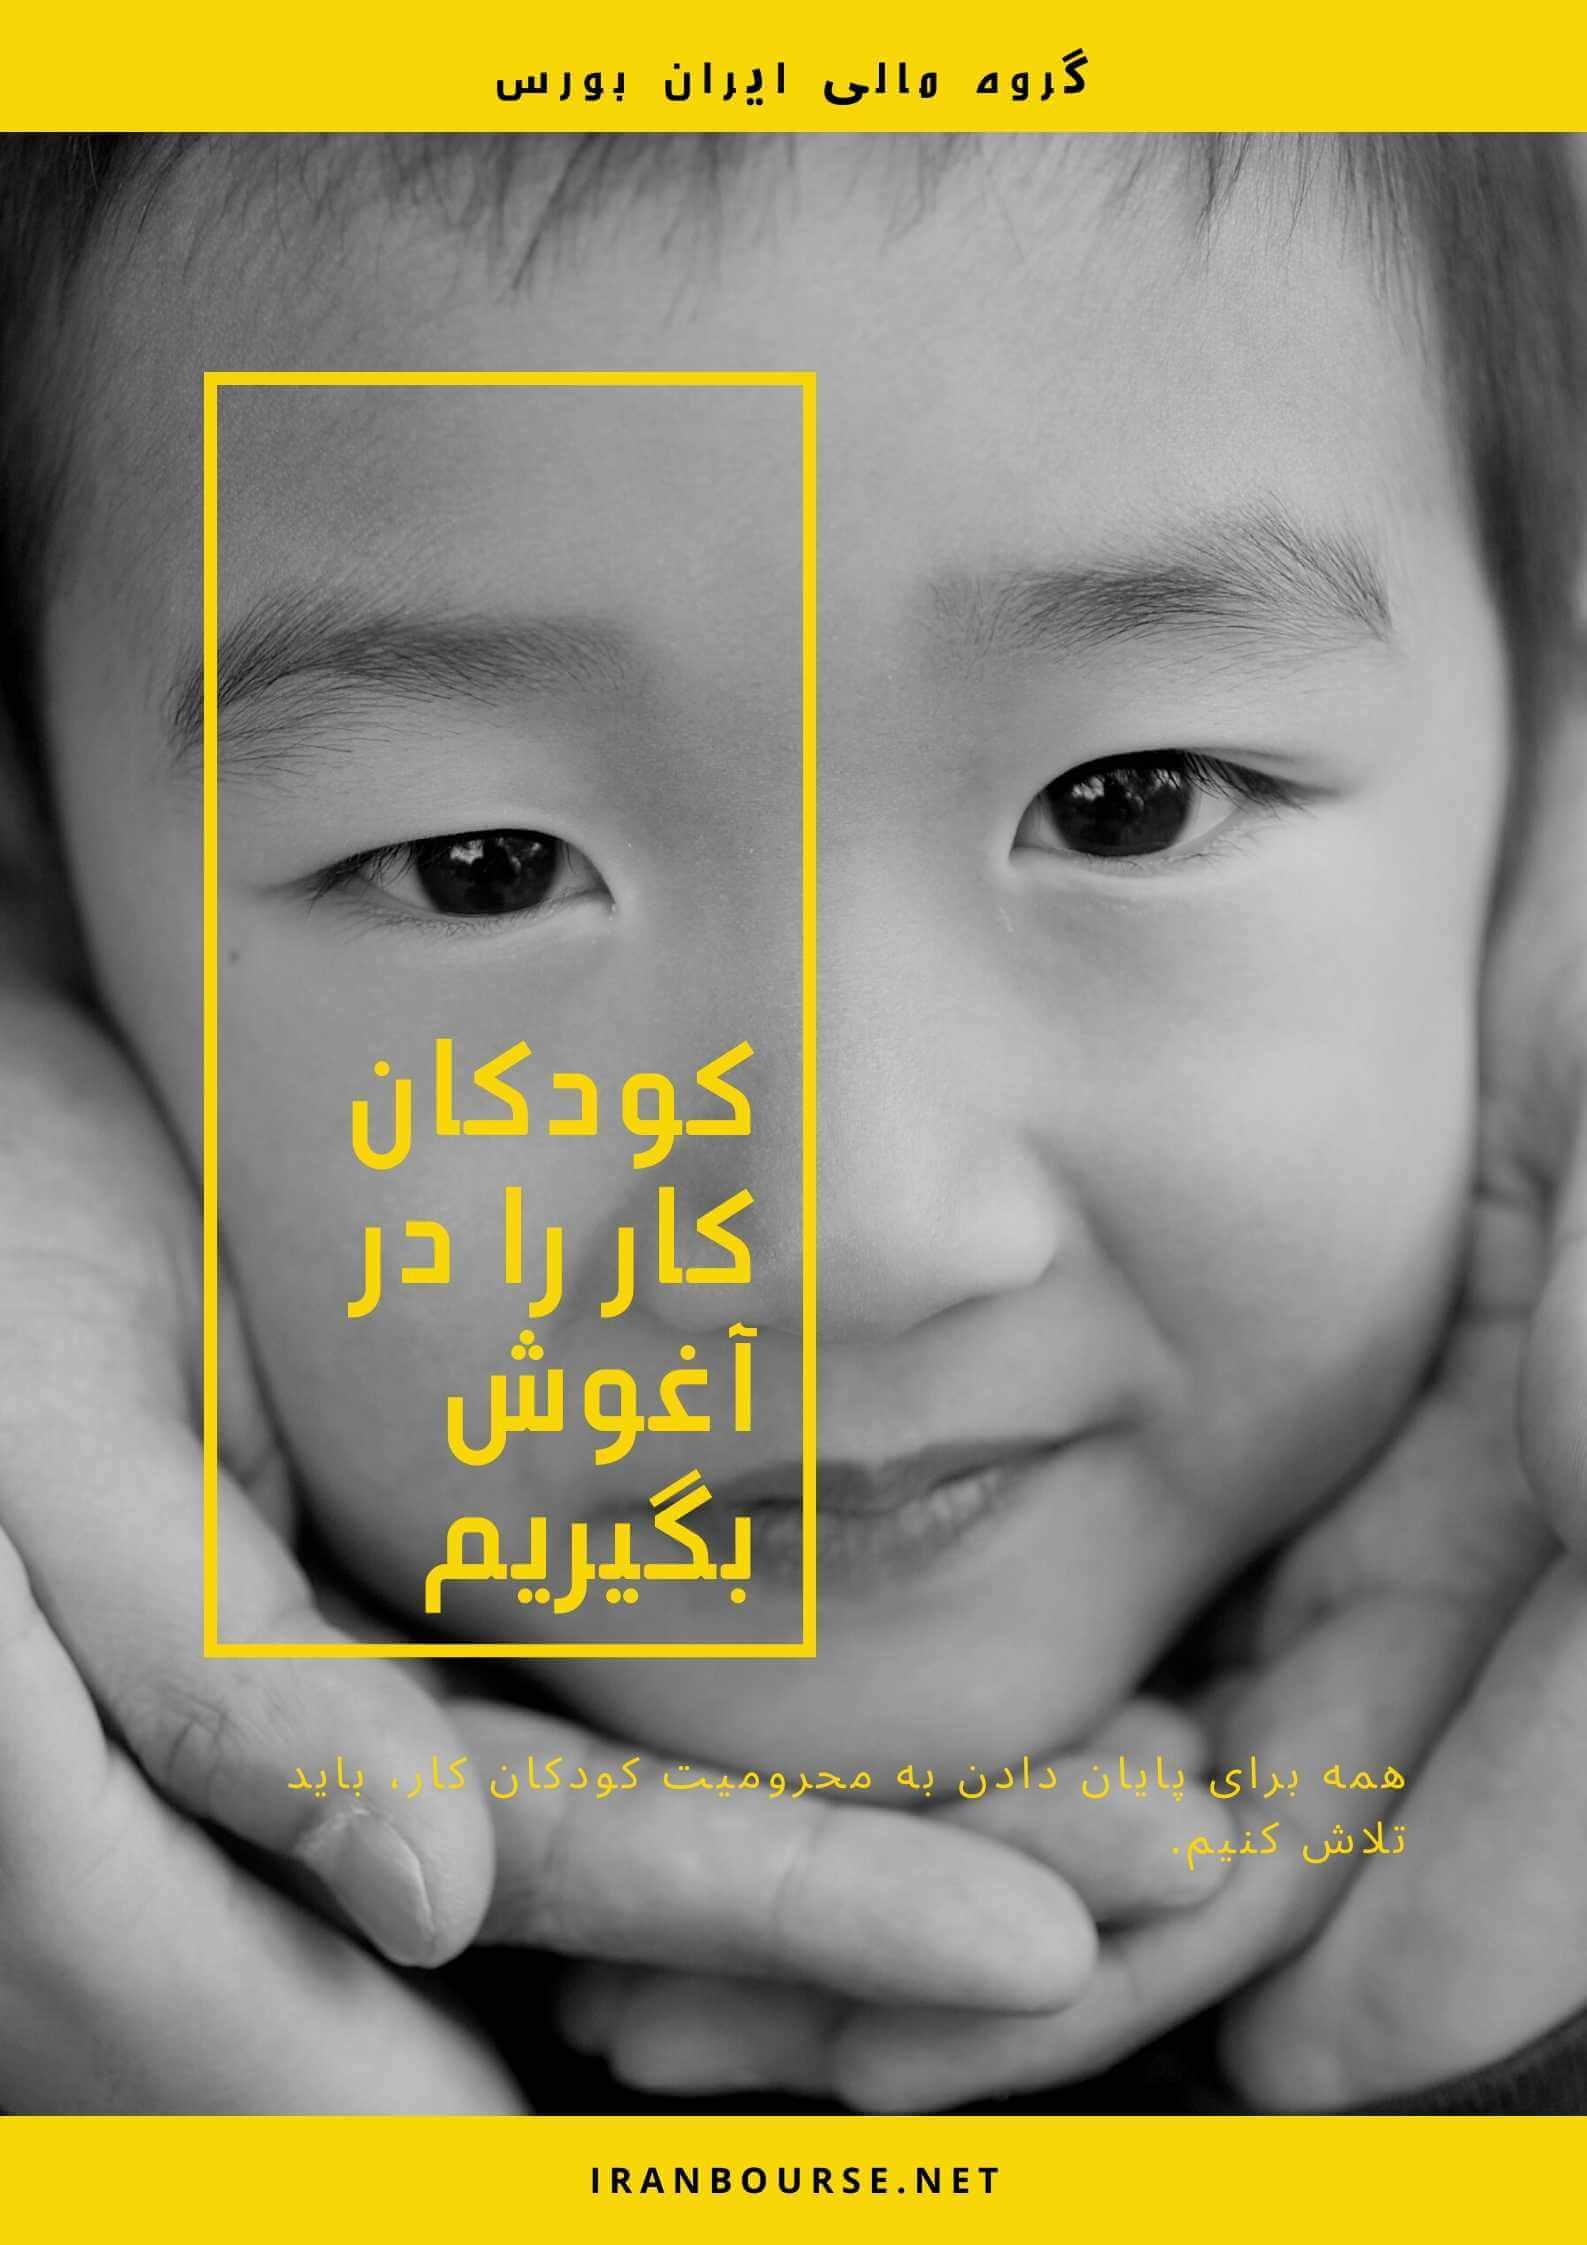 ایران بورس حامی کودکان کار